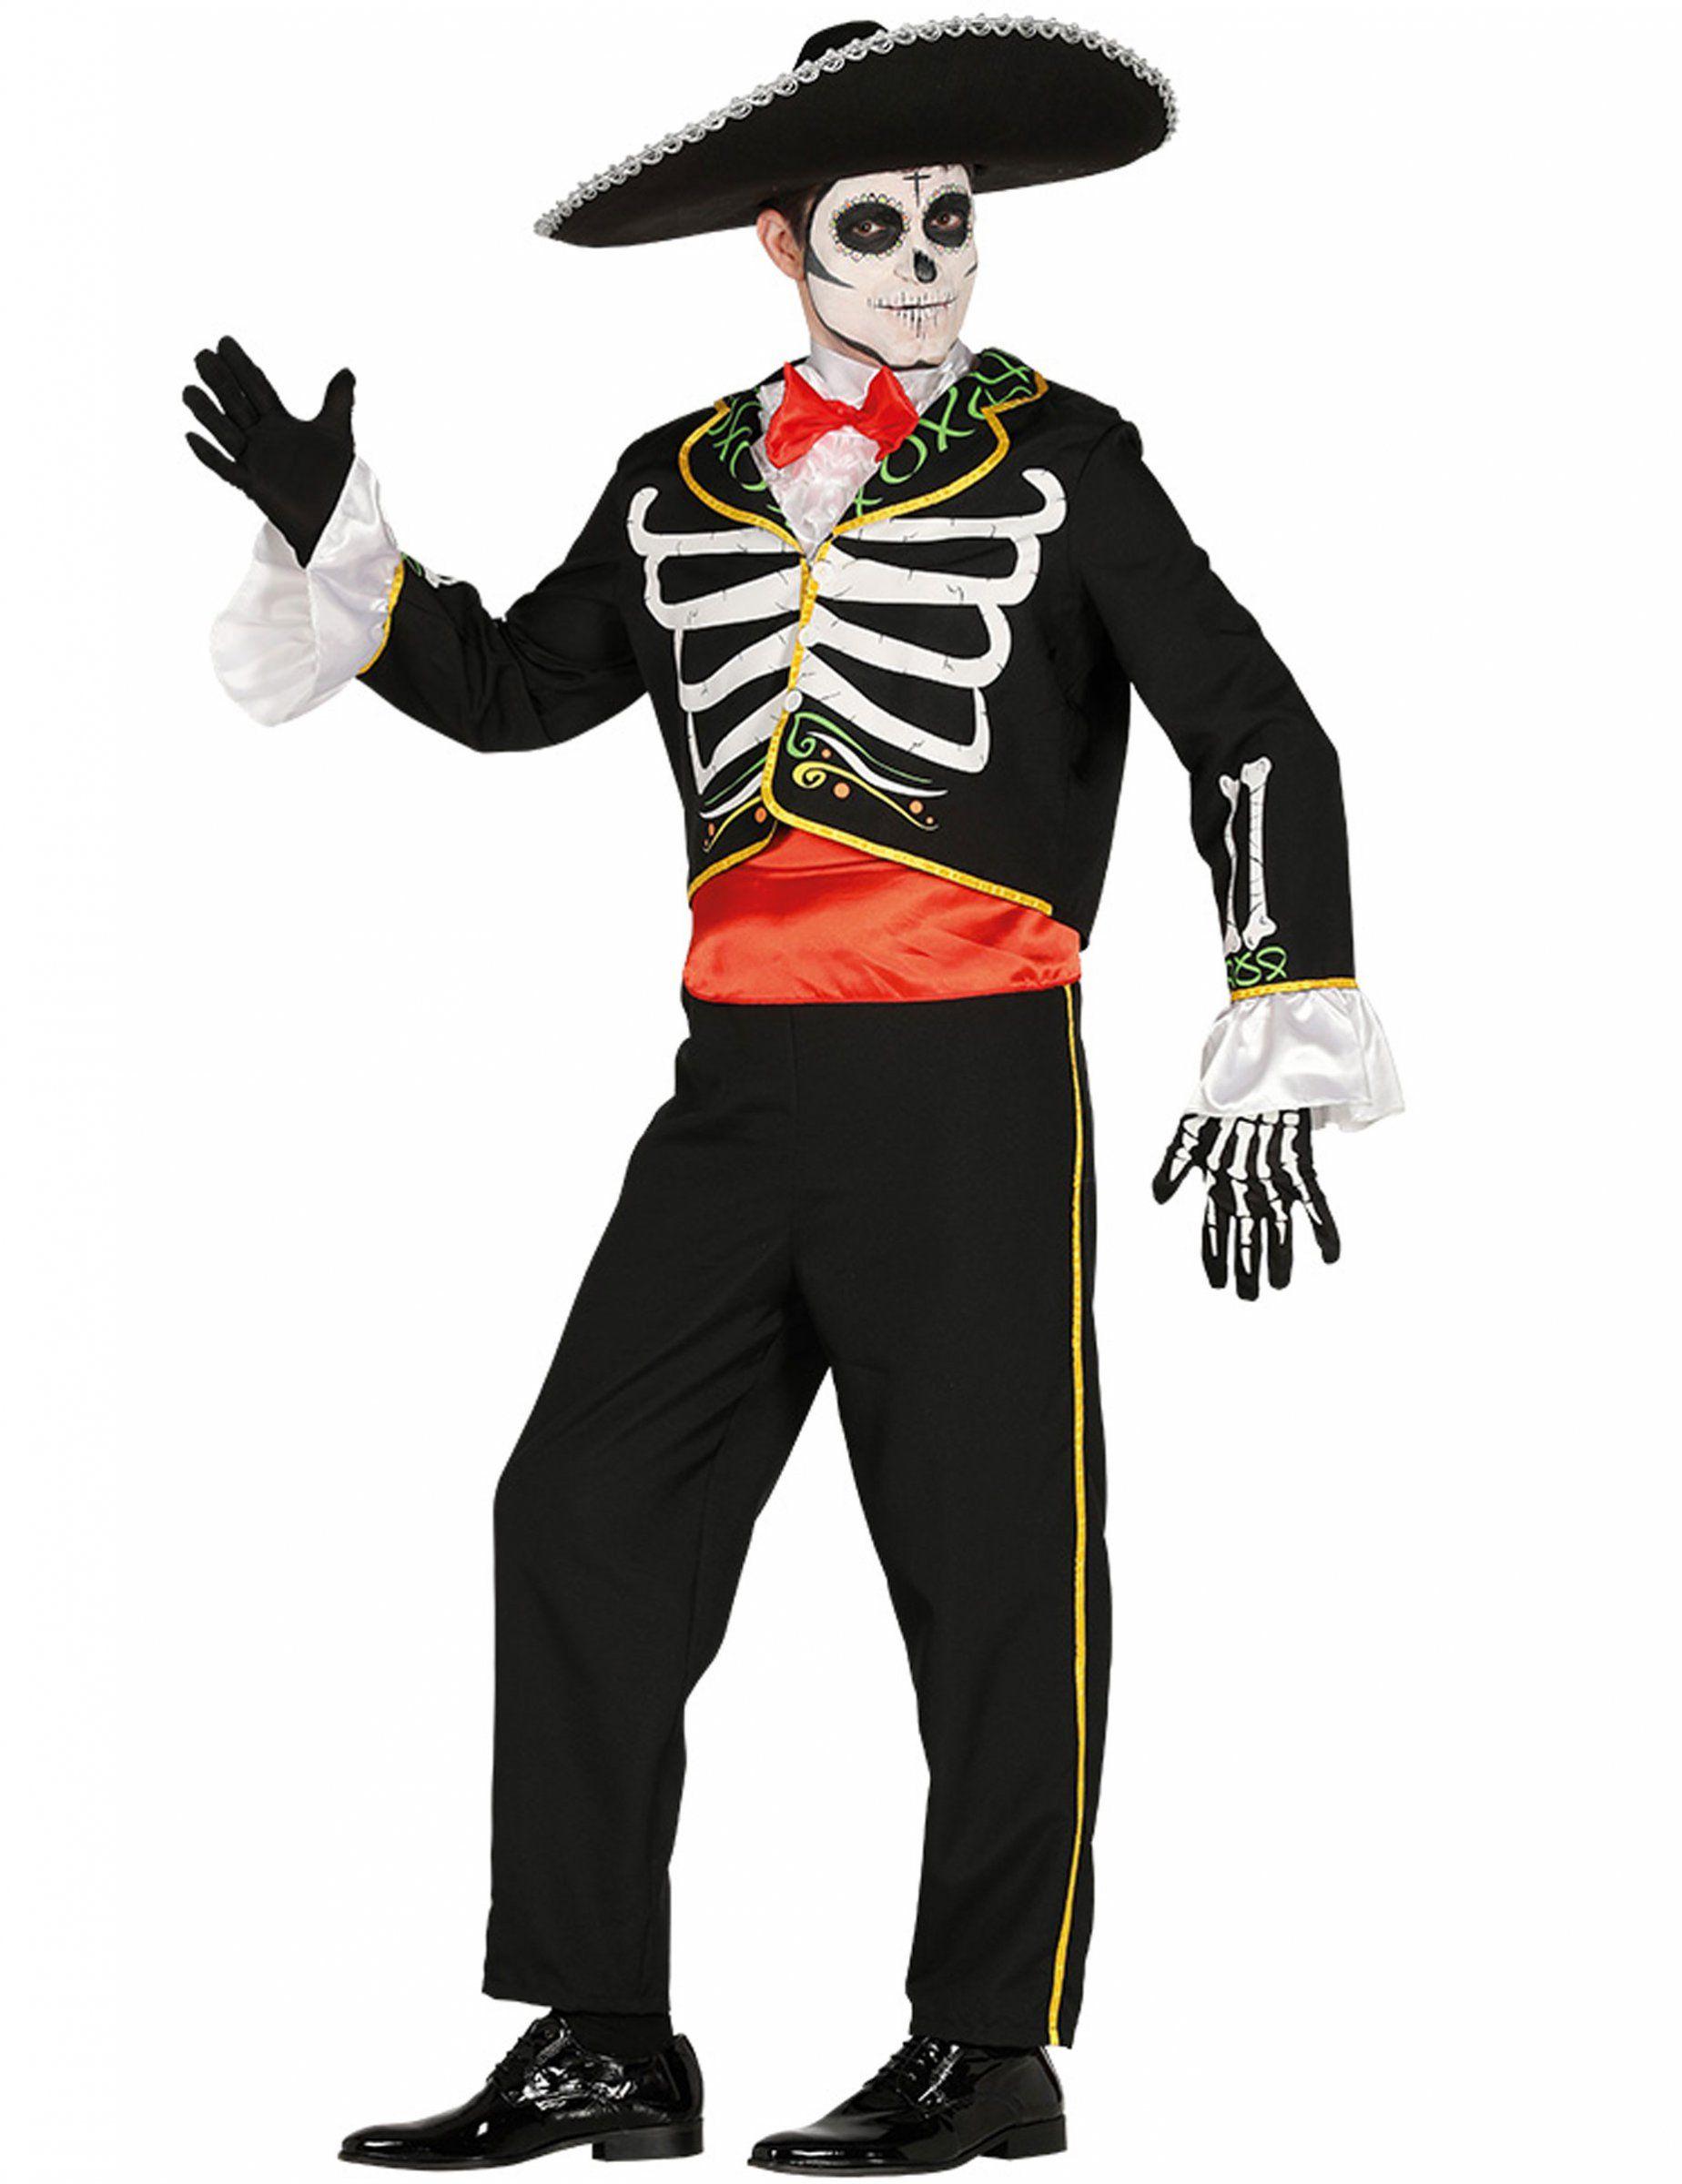 Costume da mariachi scheletro per uomo Dia de los muertos  Un travestimento  da mariachi scheletro 04cbdee1c8f4